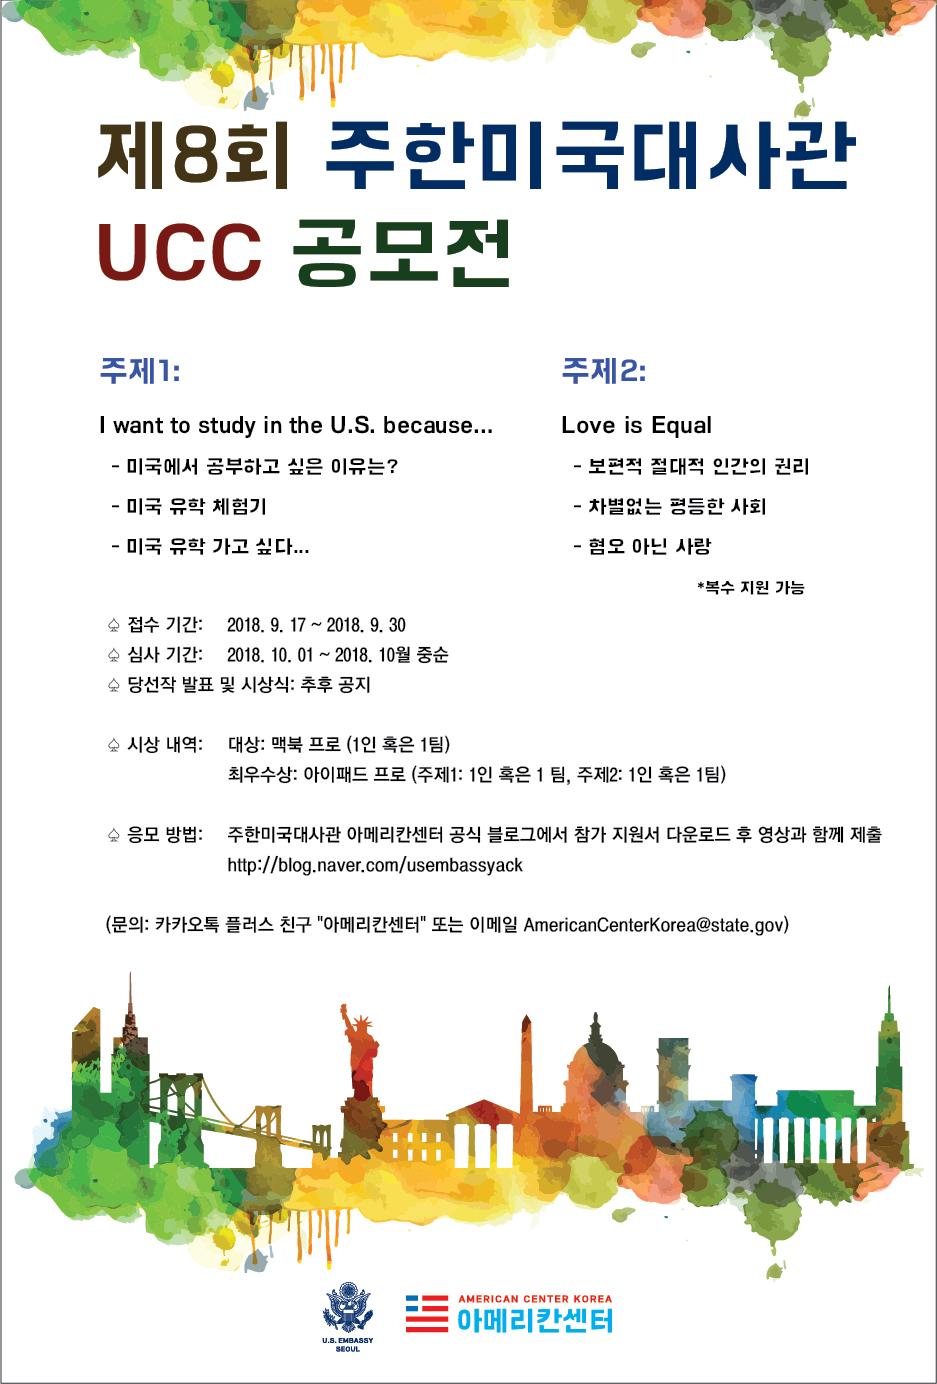 제 8회 주한미국대사관 아메리칸센터 UCC 공모전